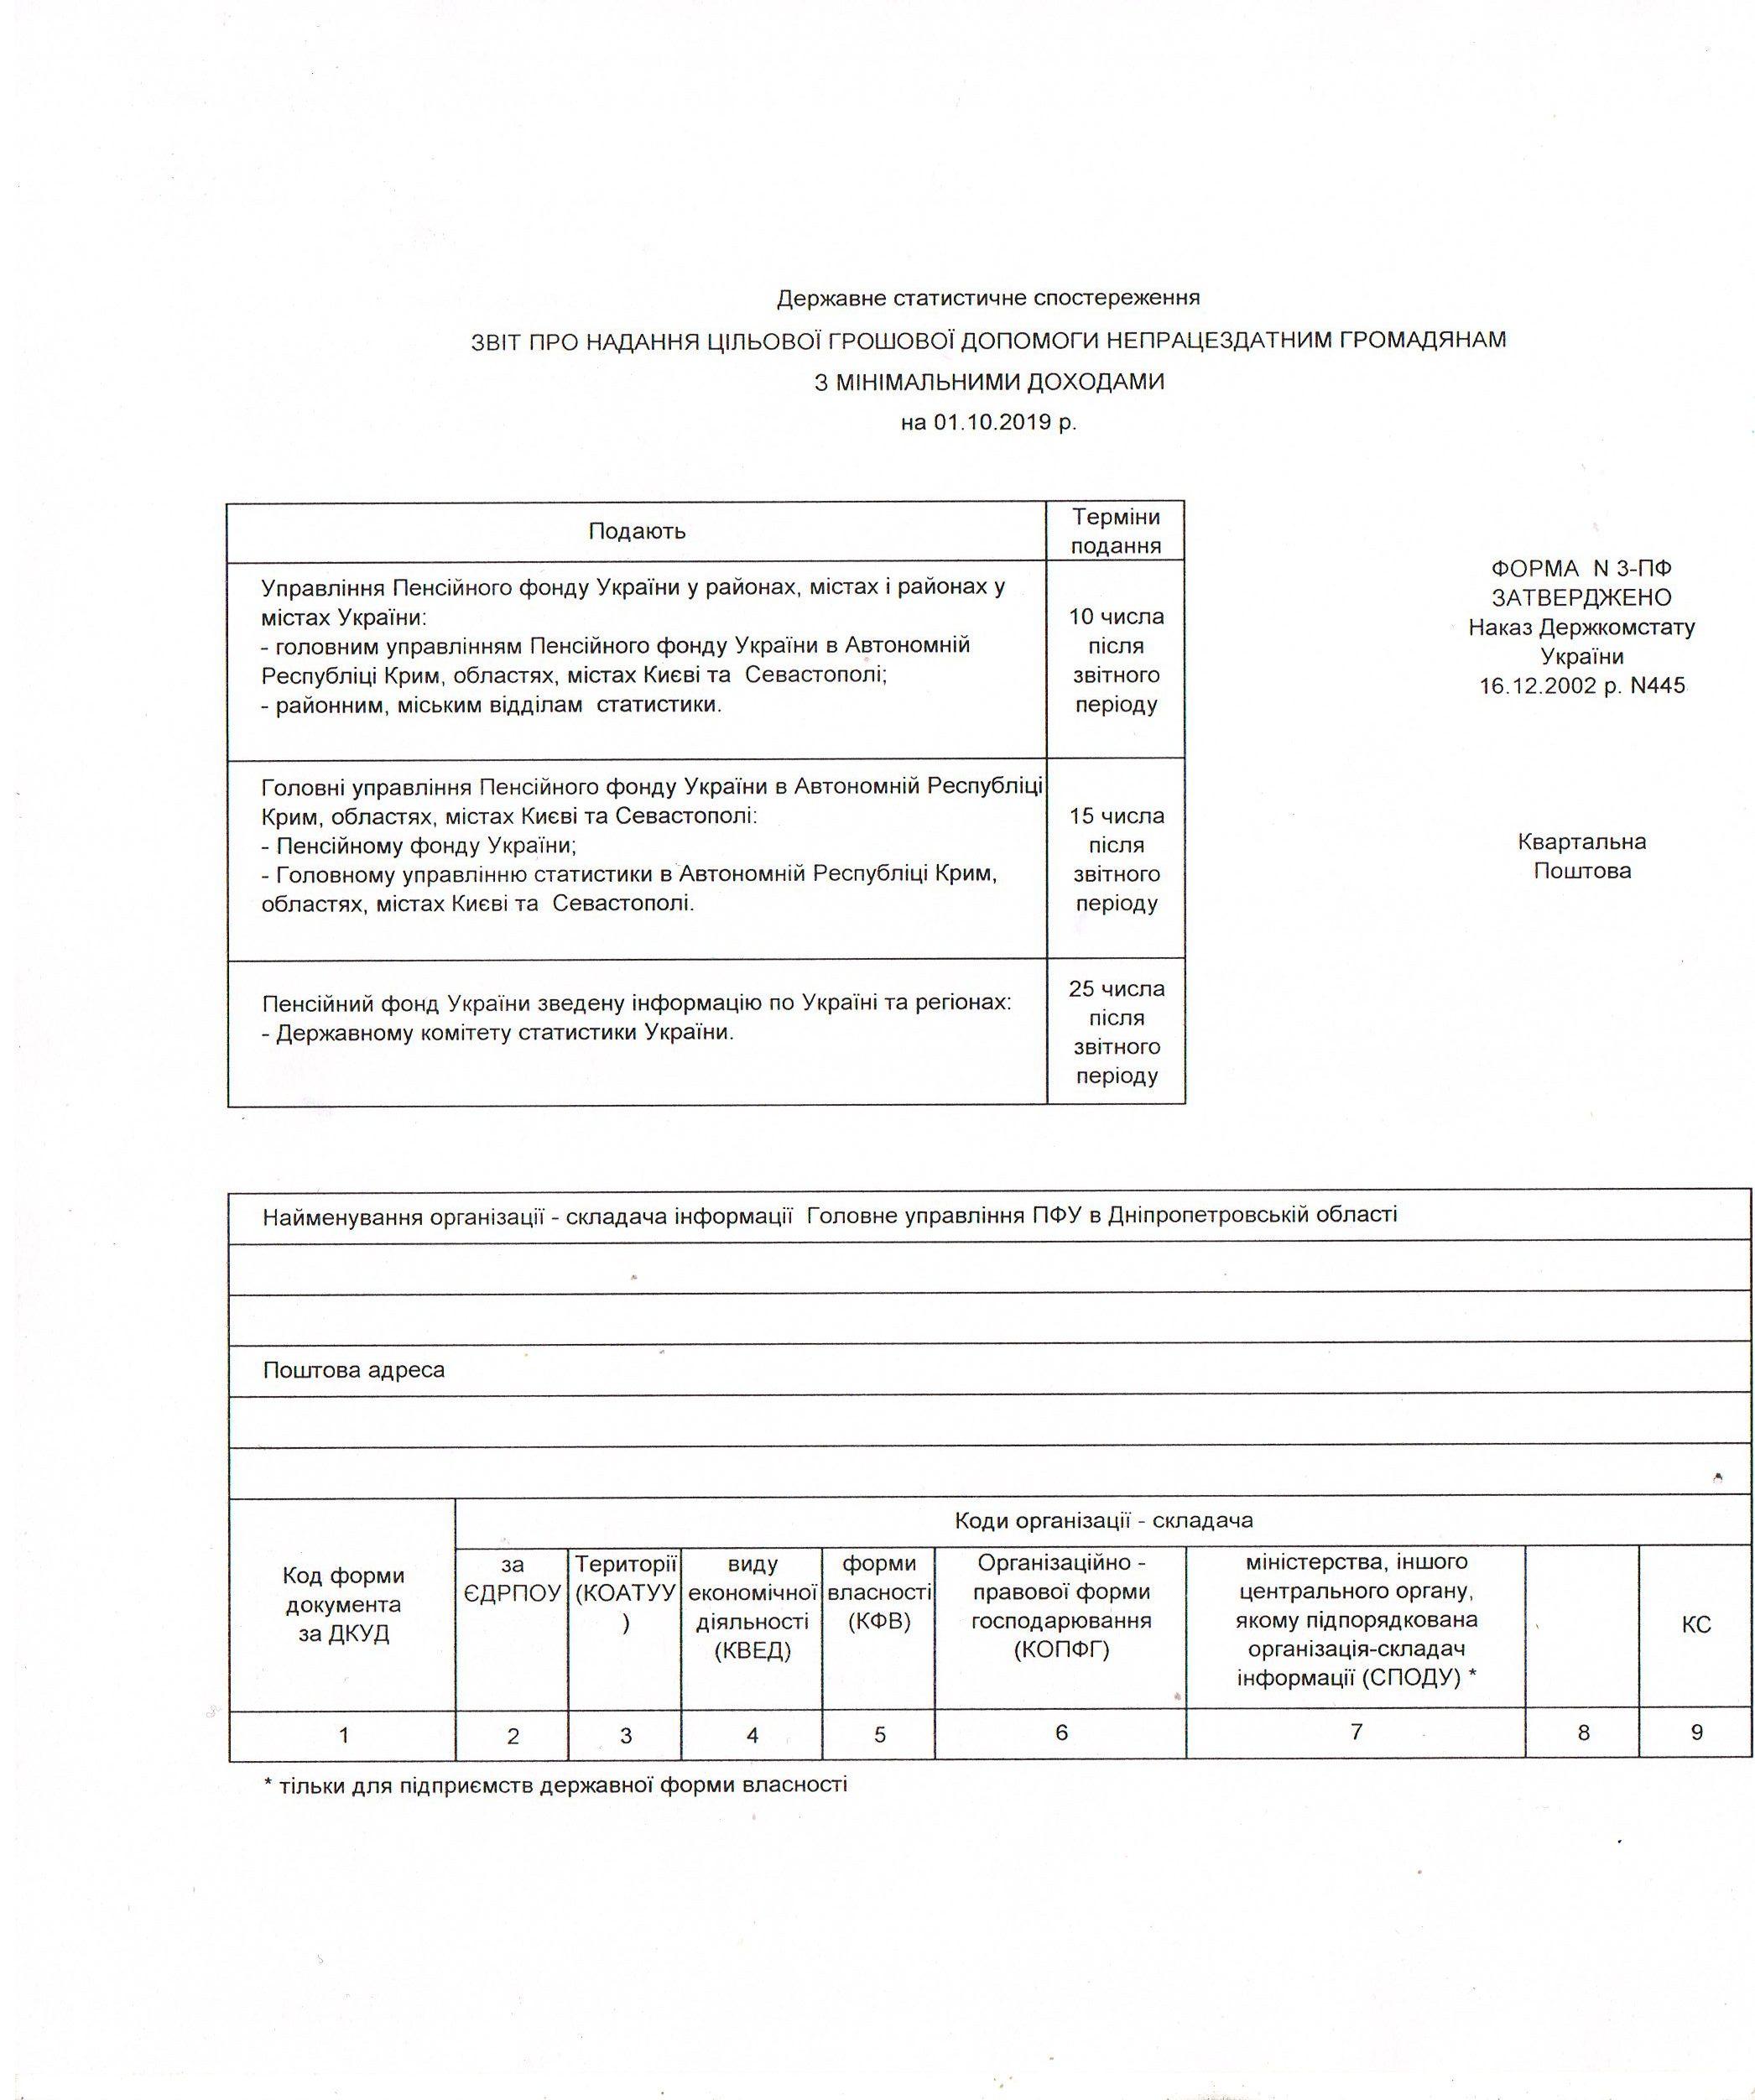 zvit pro nadan tsilovoyi dopomogy e1581419077298 - Звіт про надання цільової грошової допомоги непрацездатним громадянам з міінімальними доходами станом на 01.10.2019 (форма 3-ПФ)